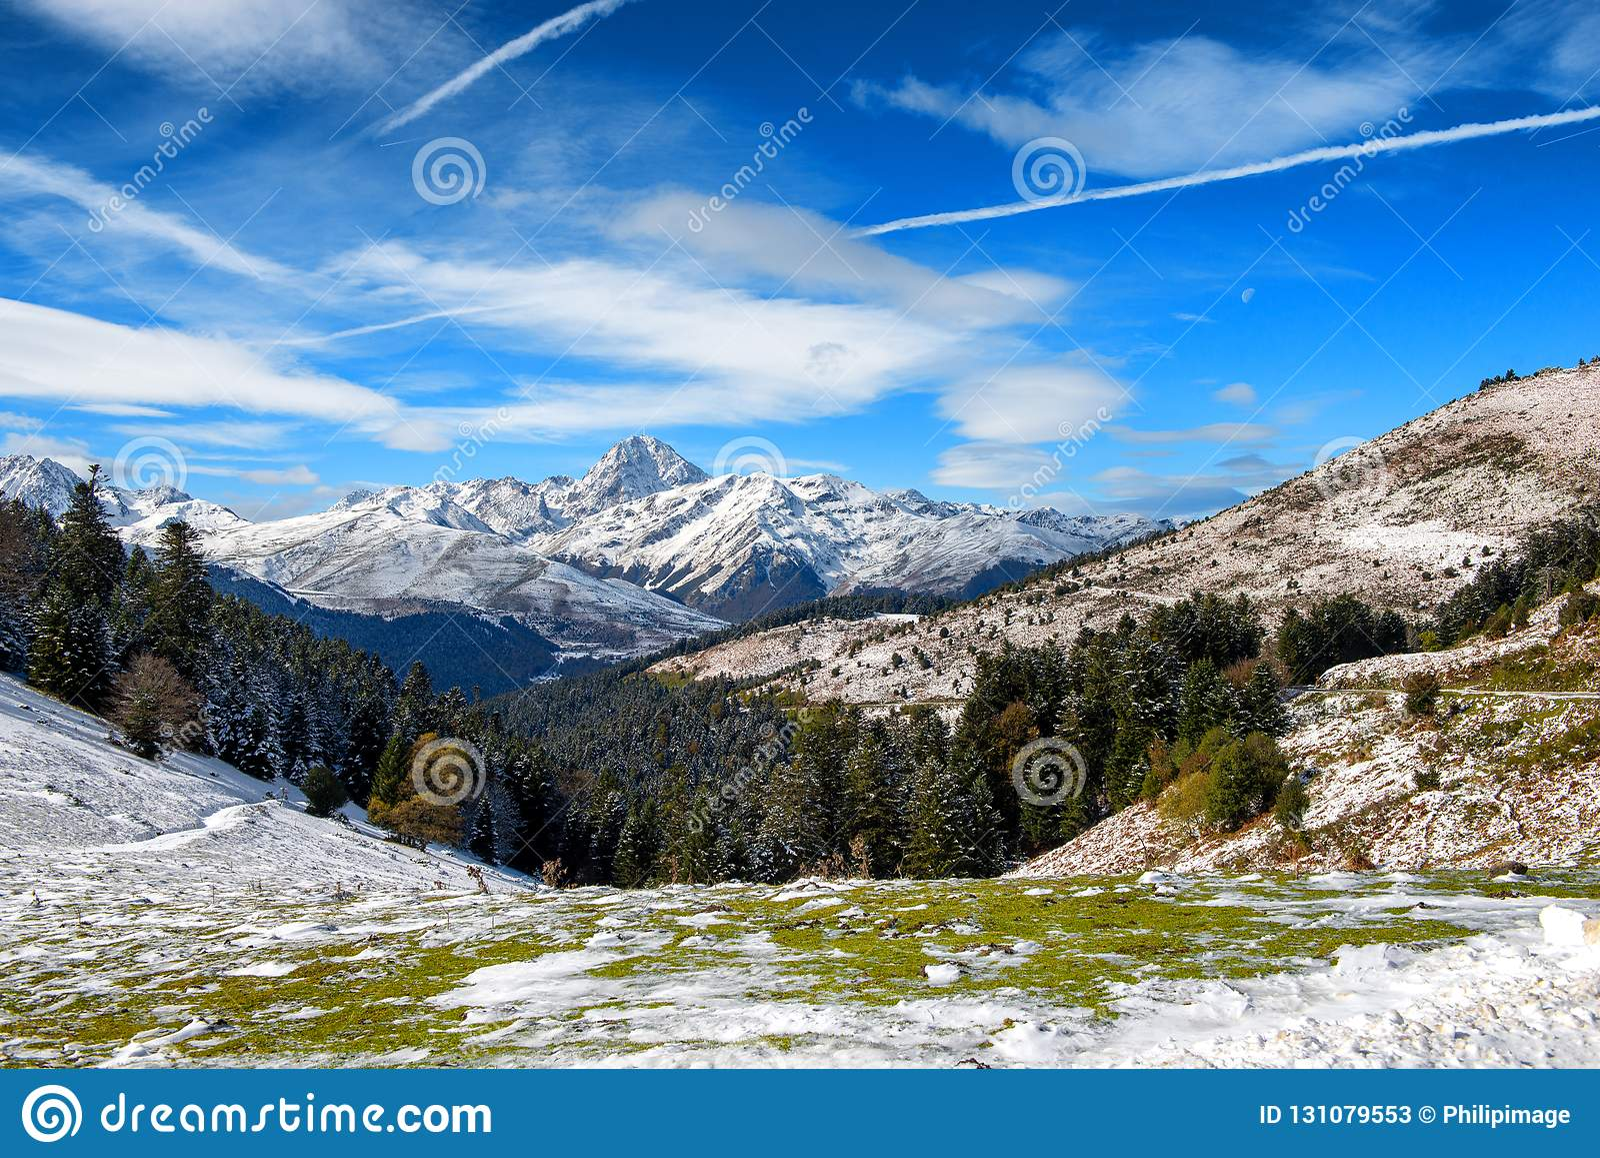 Panorama von französischen Pyrenäen-Bergen mit Pic du Midi de Bigorr